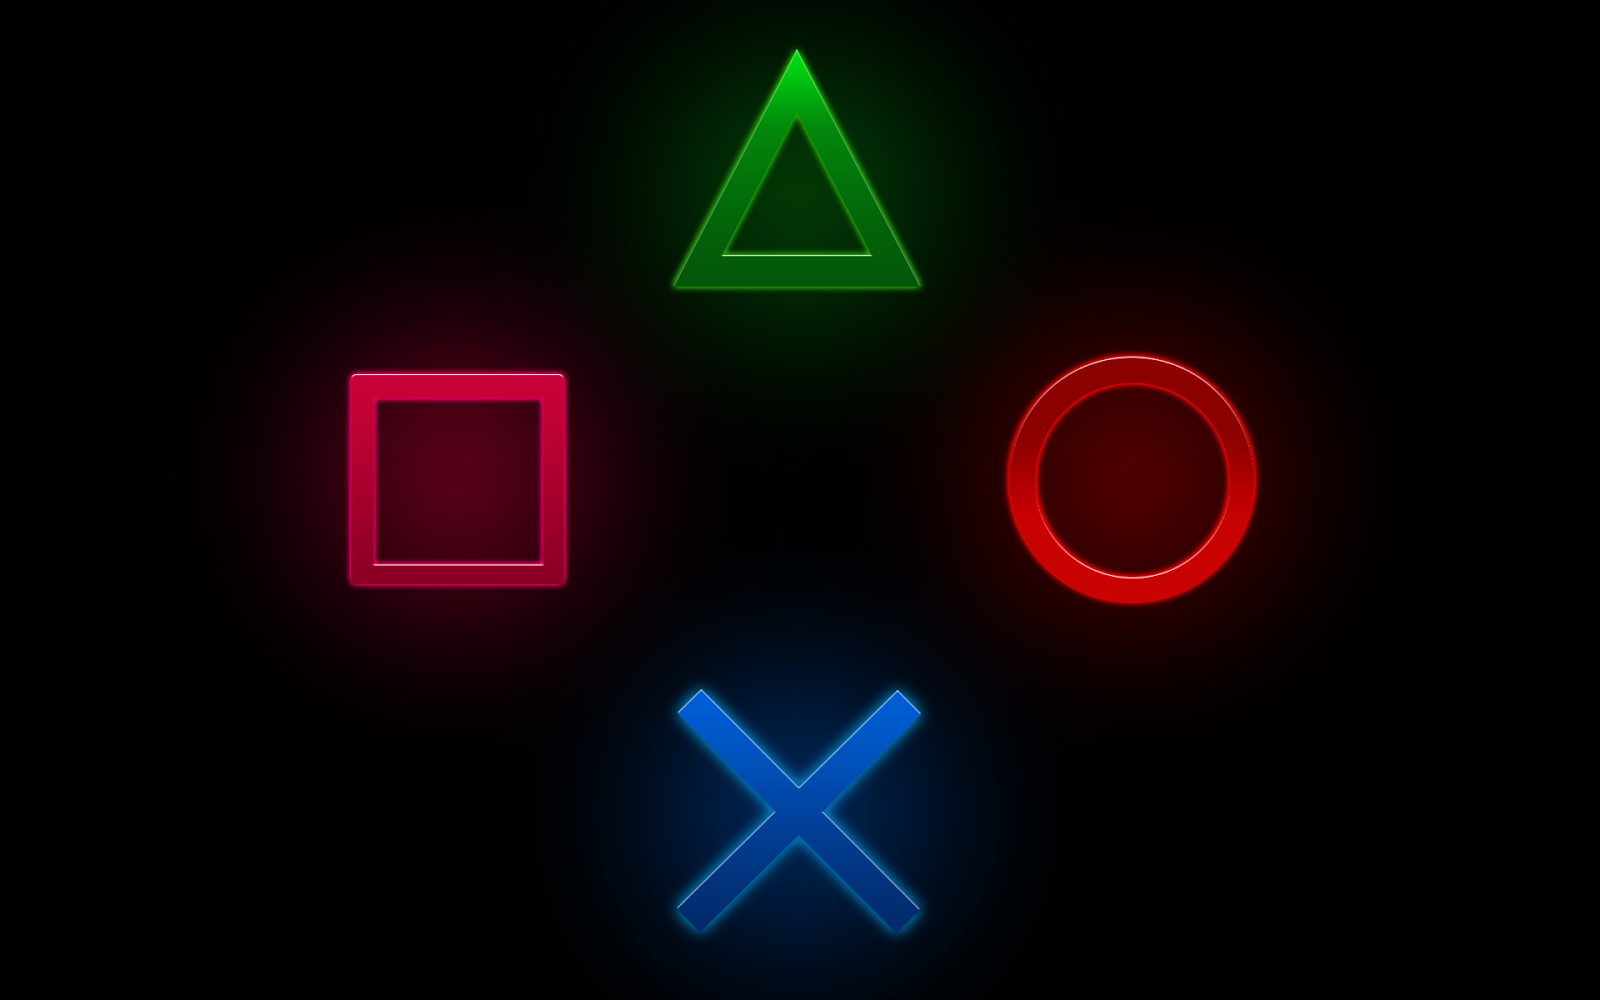 Les manettes de jeux videos contiennent des signes - Ma playstation 3 ne lit plus les jeux ...